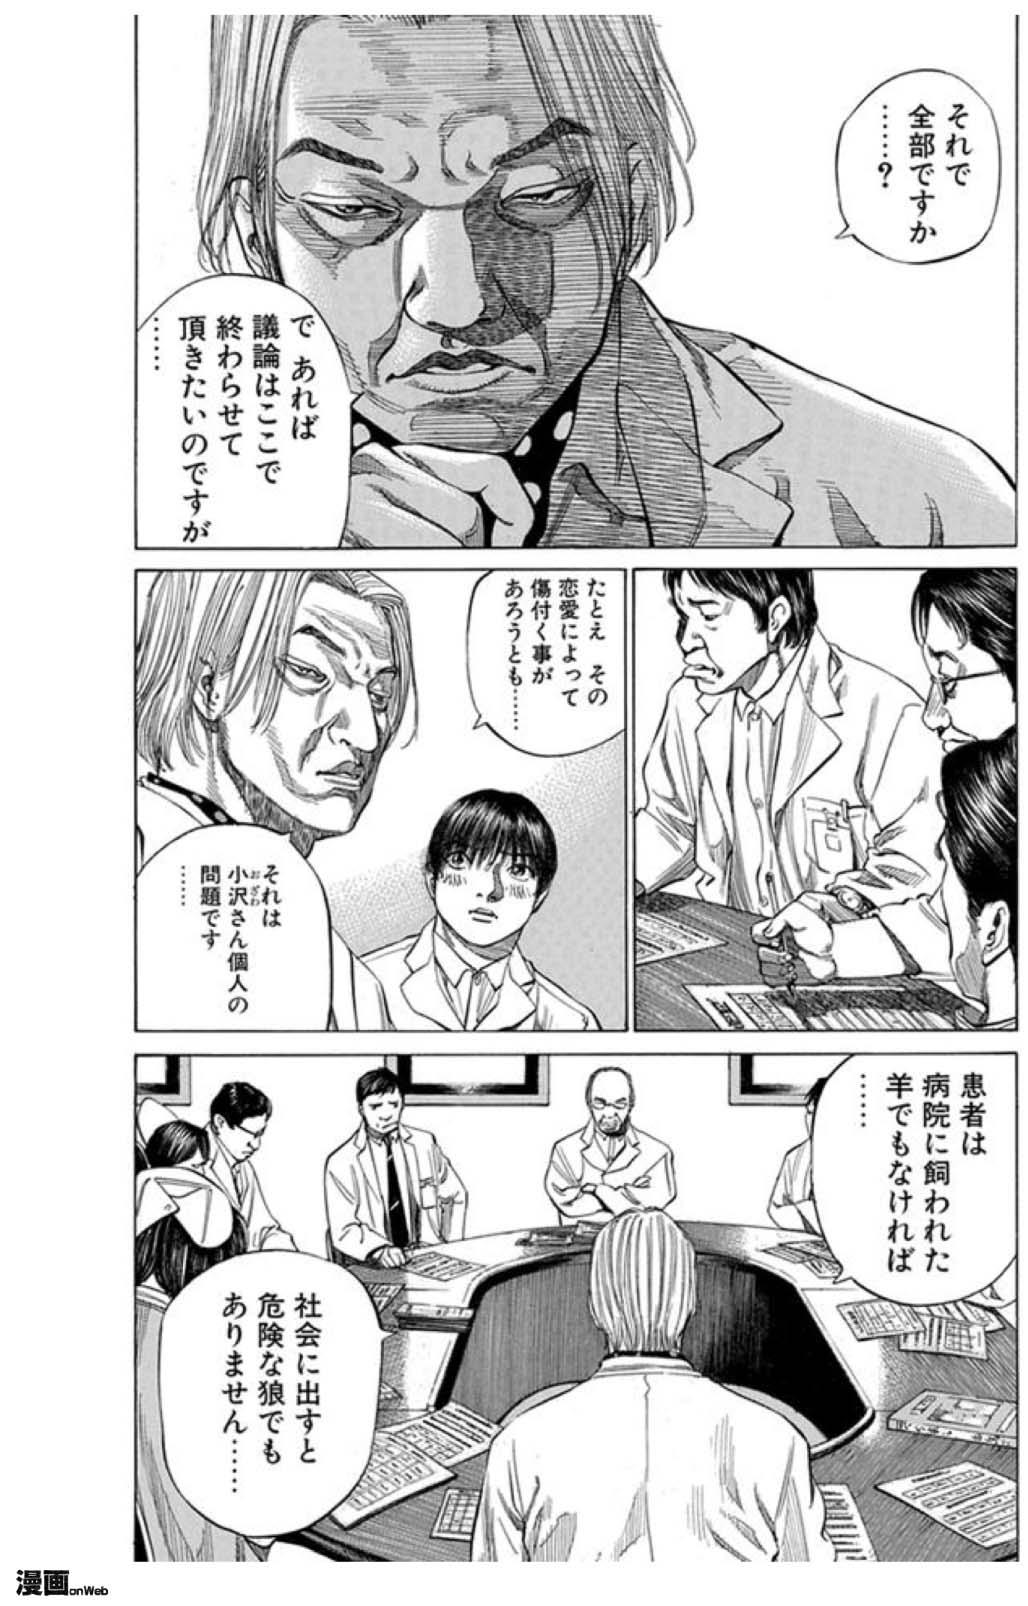 図1-2 10巻49ページ